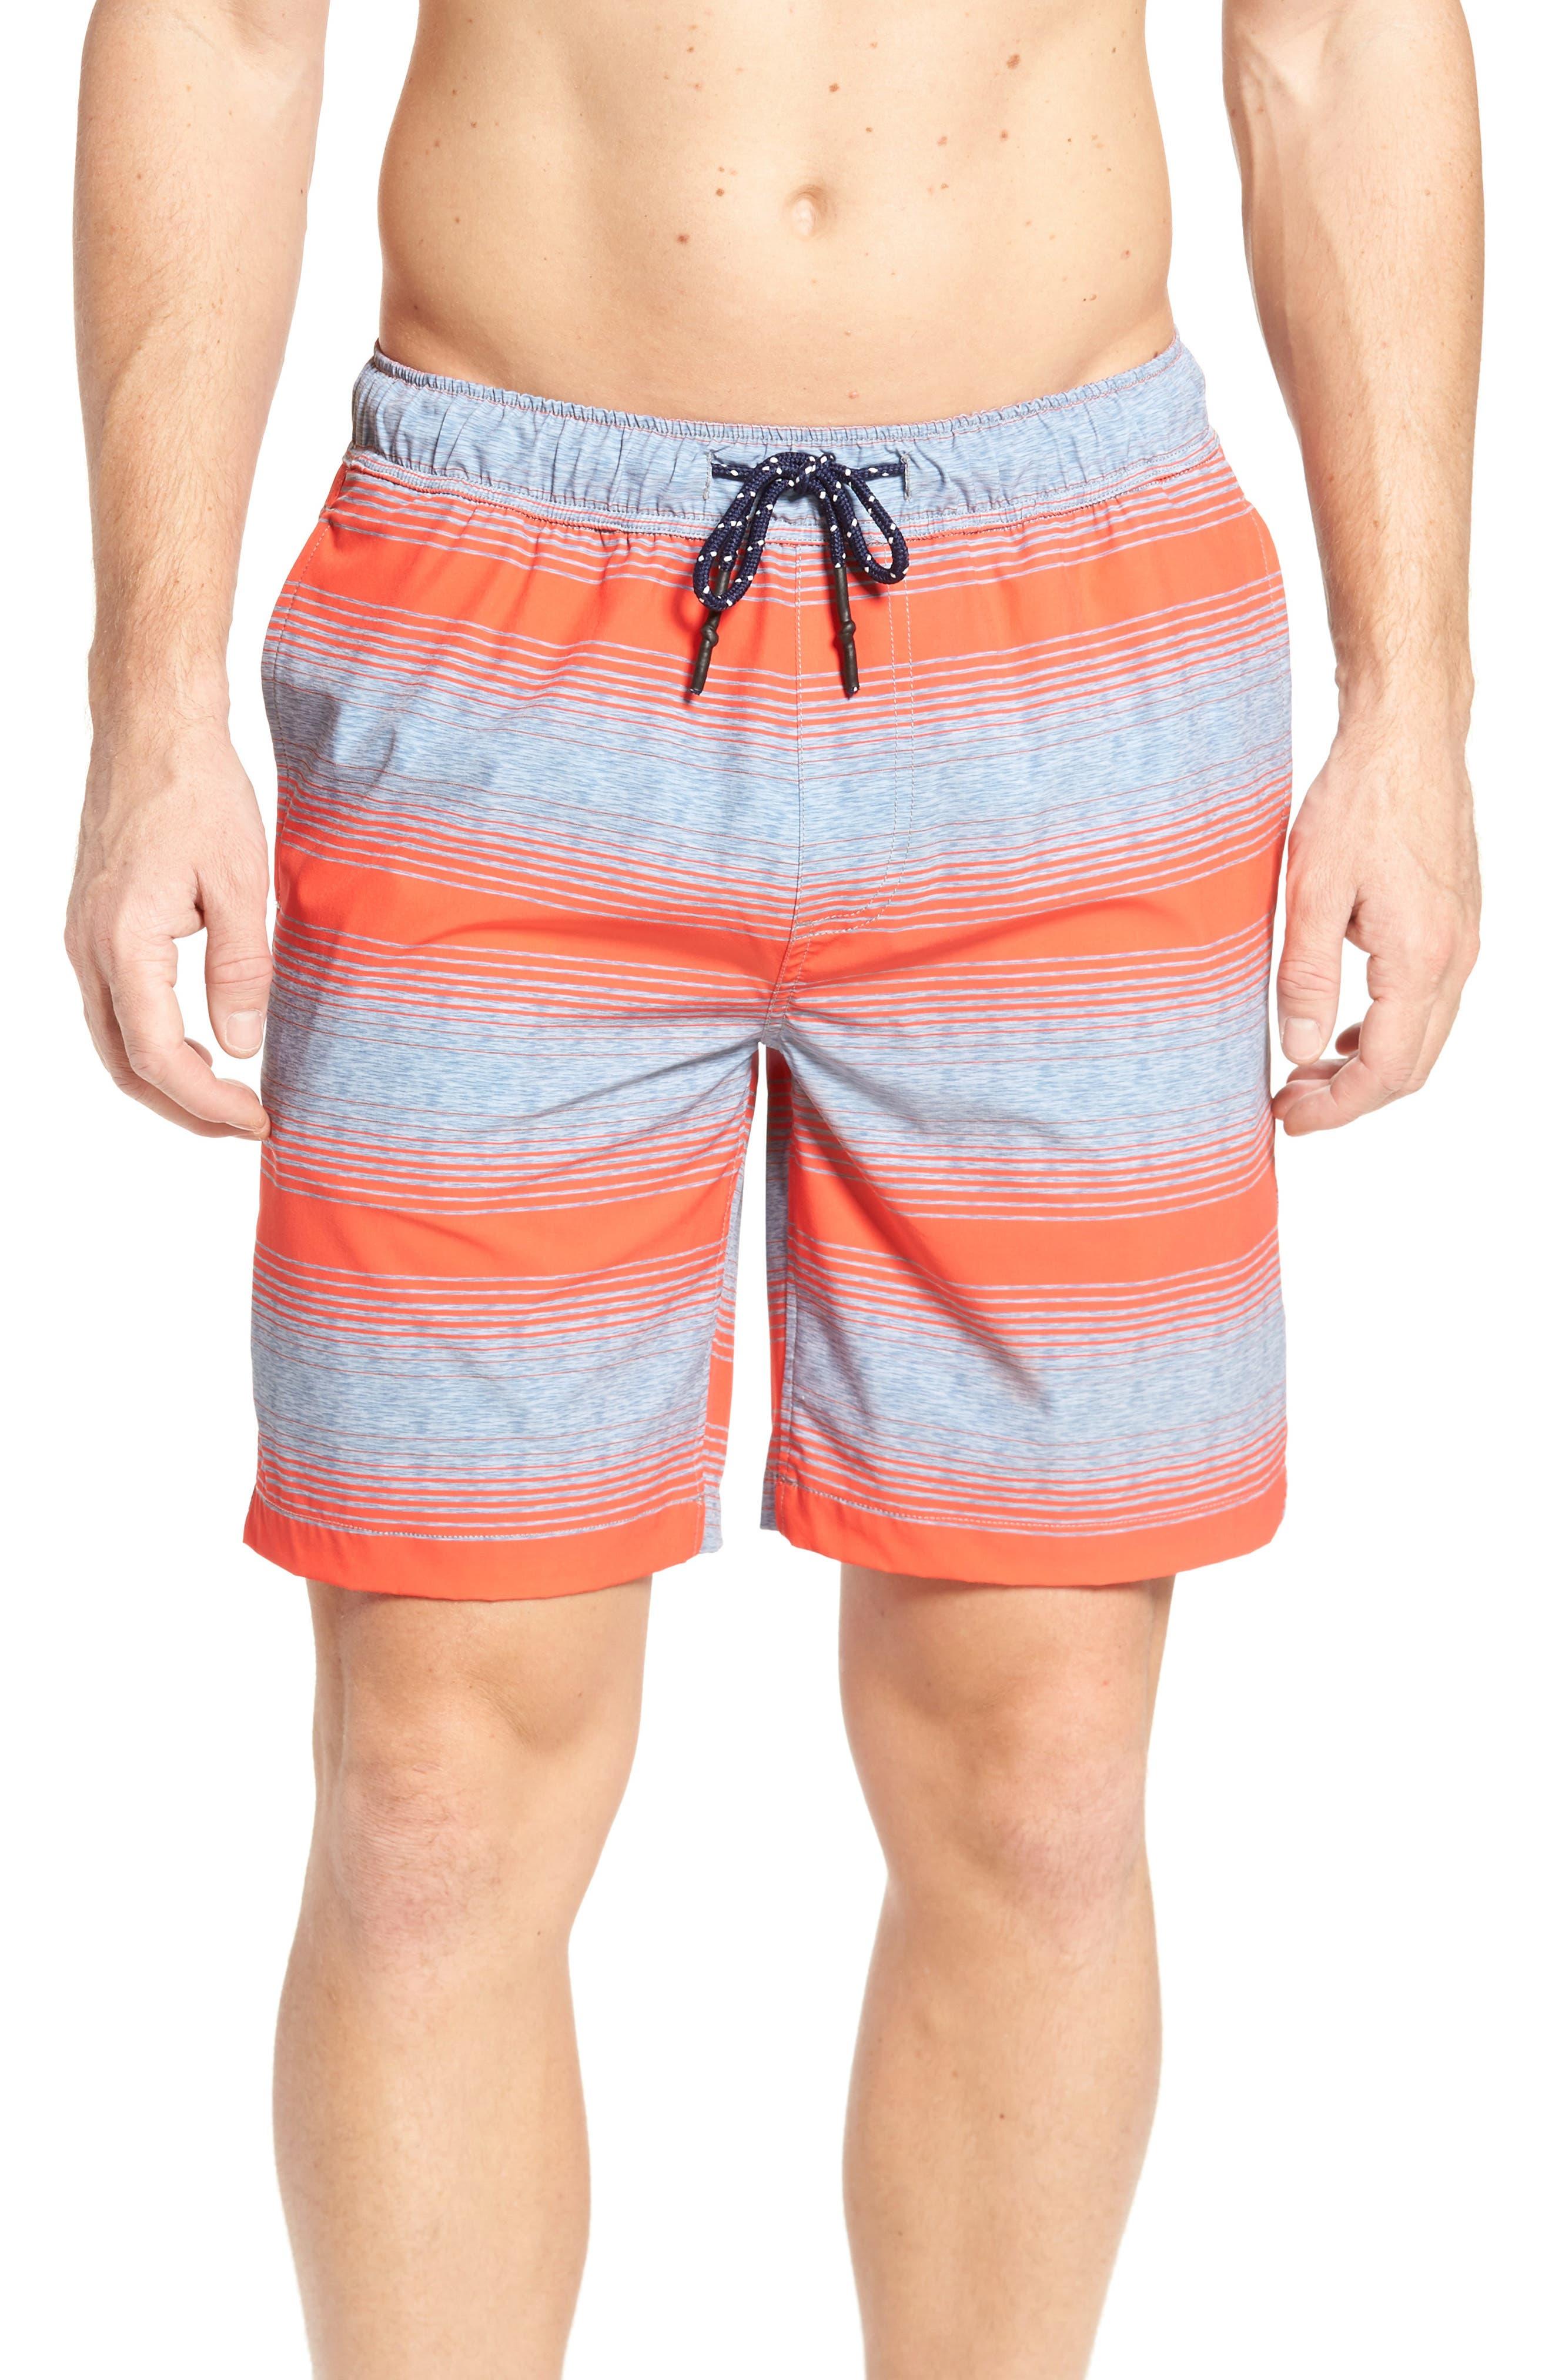 Stripe Swim Trunks,                             Main thumbnail 1, color,                             850